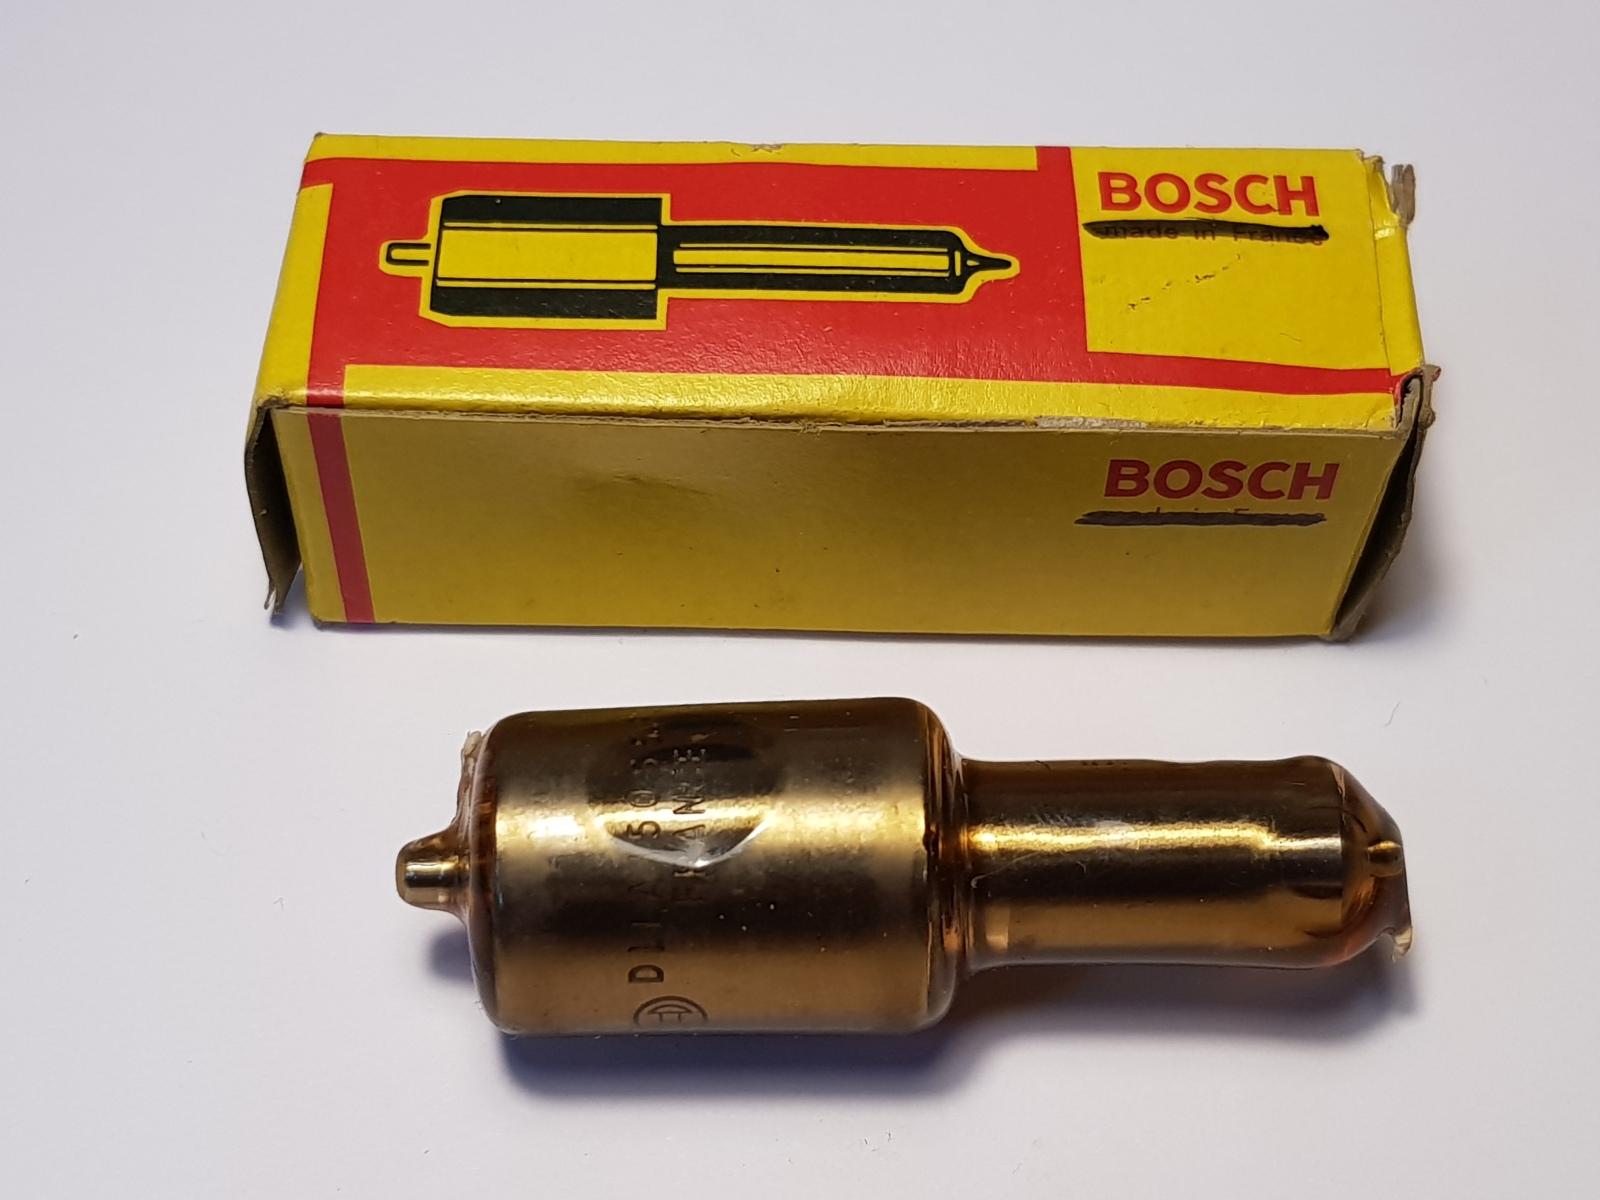 Bosch  Einspritzdüse 0433271281 DLLA150S583 Klasse 3 Sacklochdüse Diesel